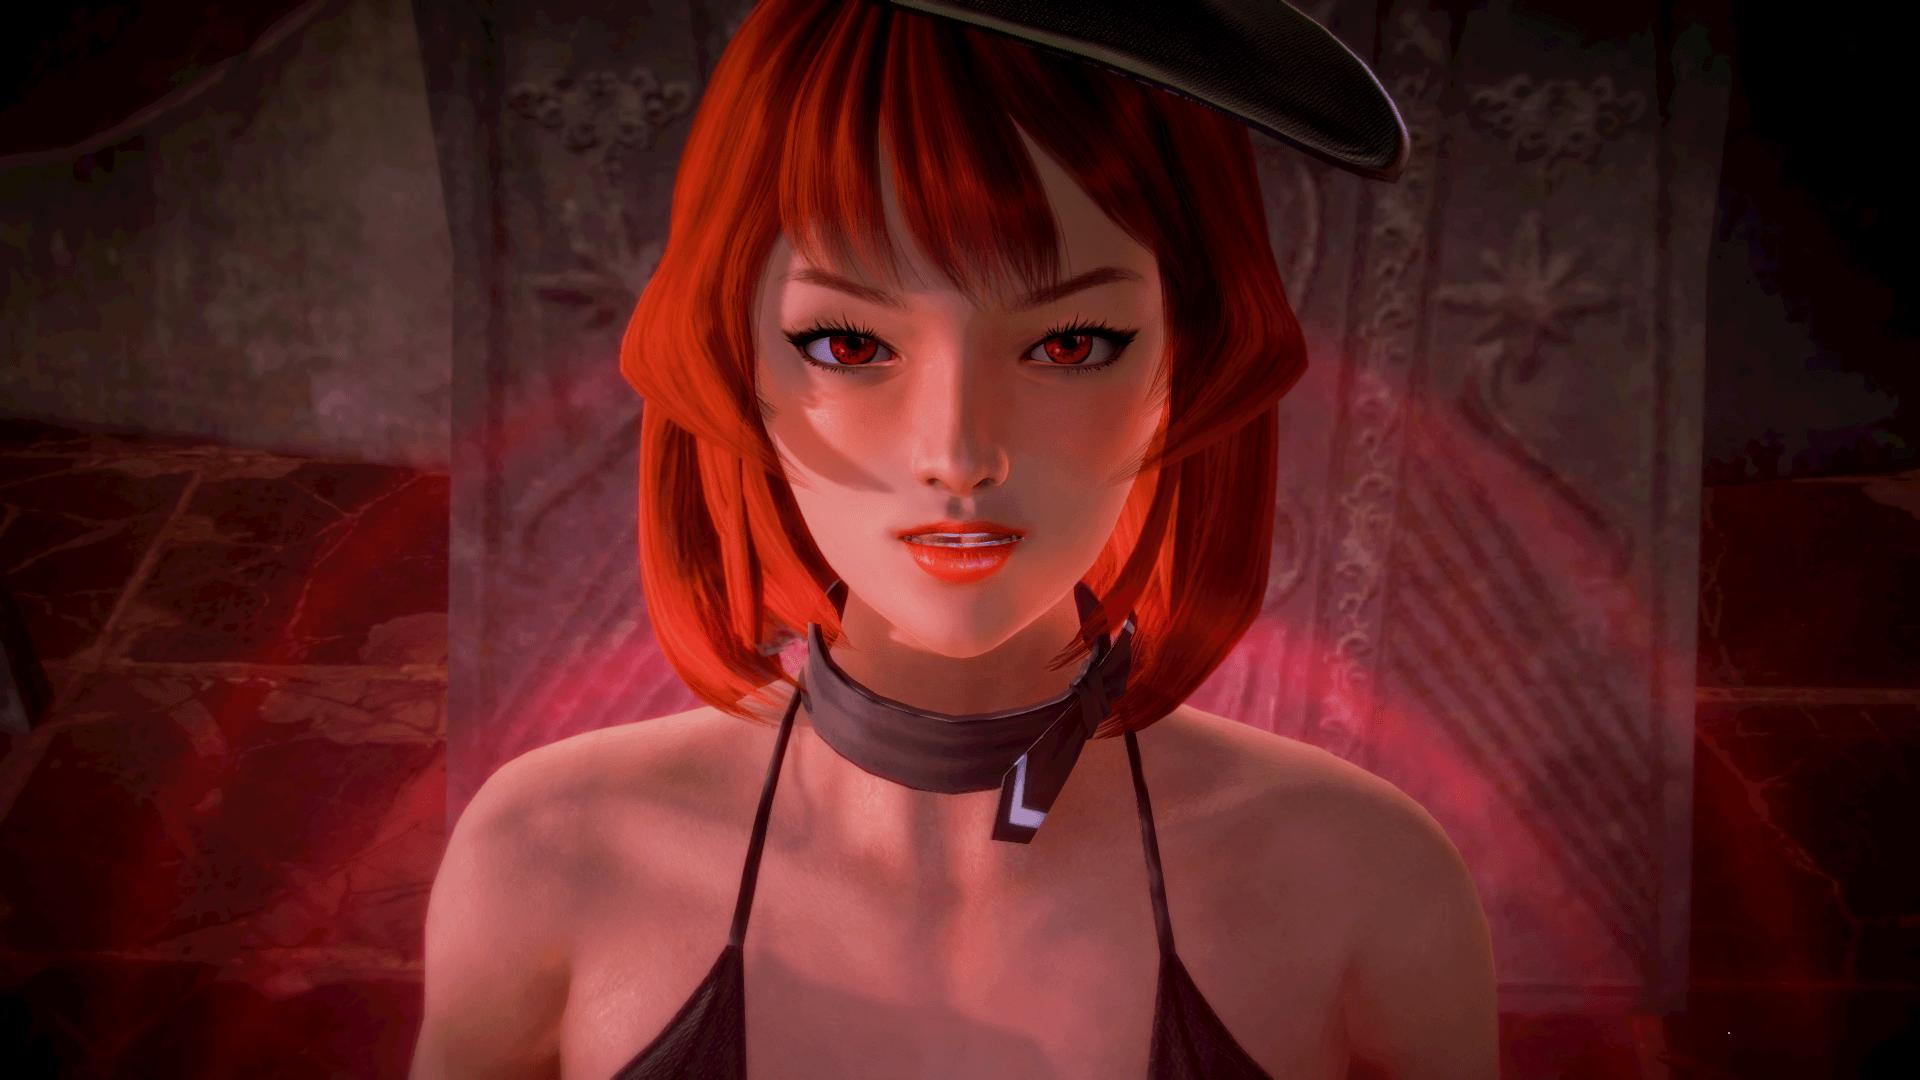 Dark Magic – Version 0.1.0.0 - Patreon incest porn game 3